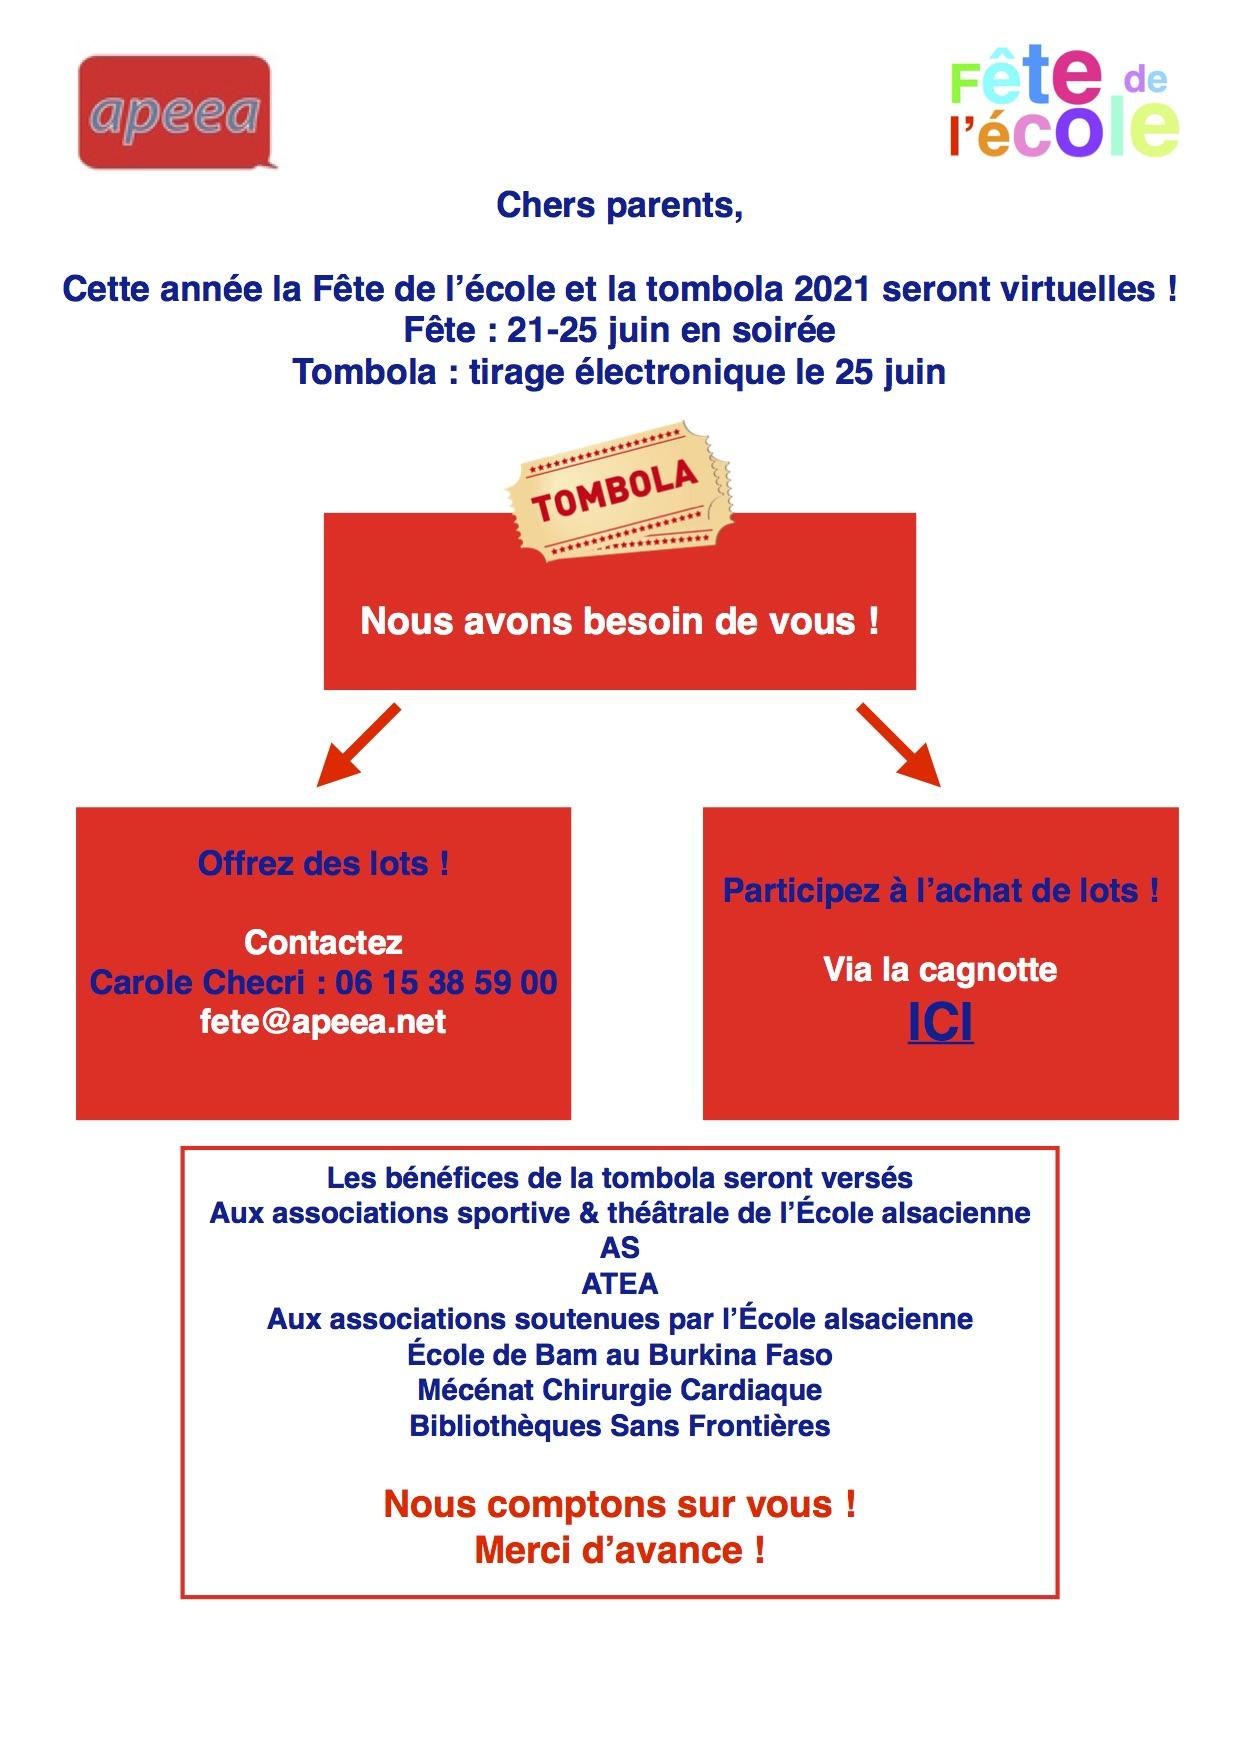 Fête de l'École virtuelle et Tombola : lundi 21.06.2021 – vendredi 25.06.2021